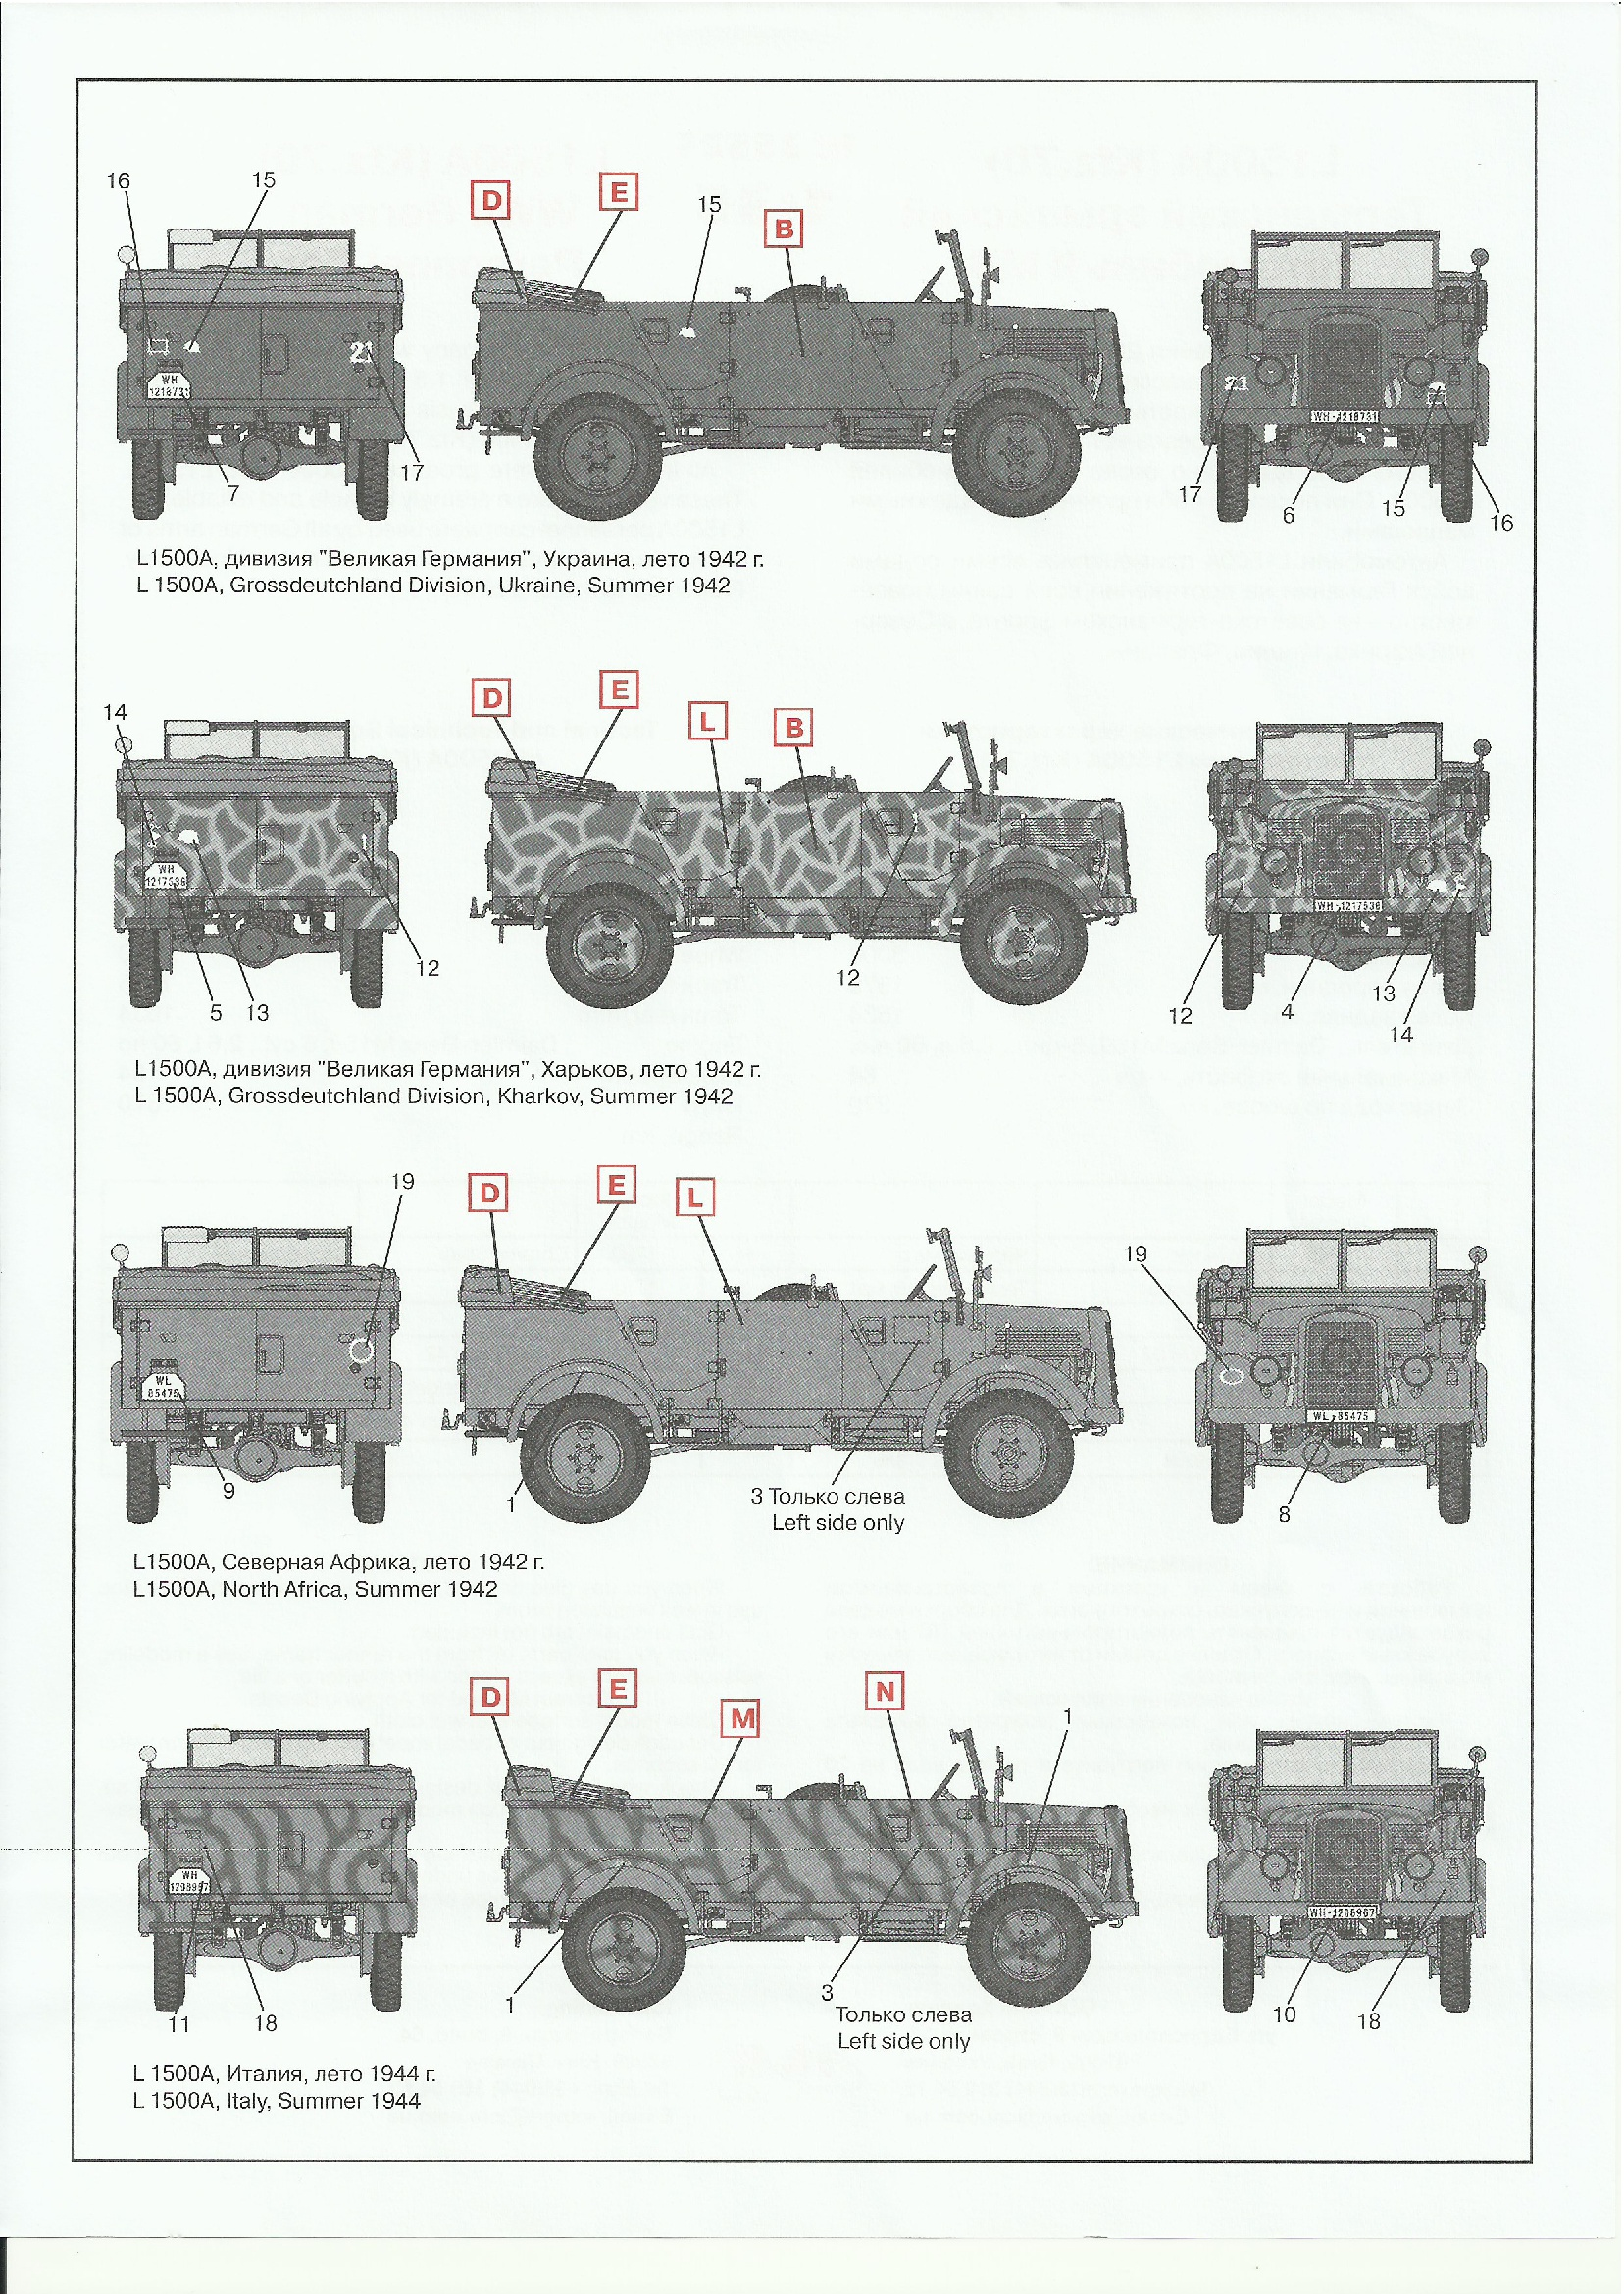 2019-09-04_Bauplan-ICM-L-1500-A-Kfz_-70-010 Wehrmacht Off-Road Cars in 1:35 von ICM # DS3503